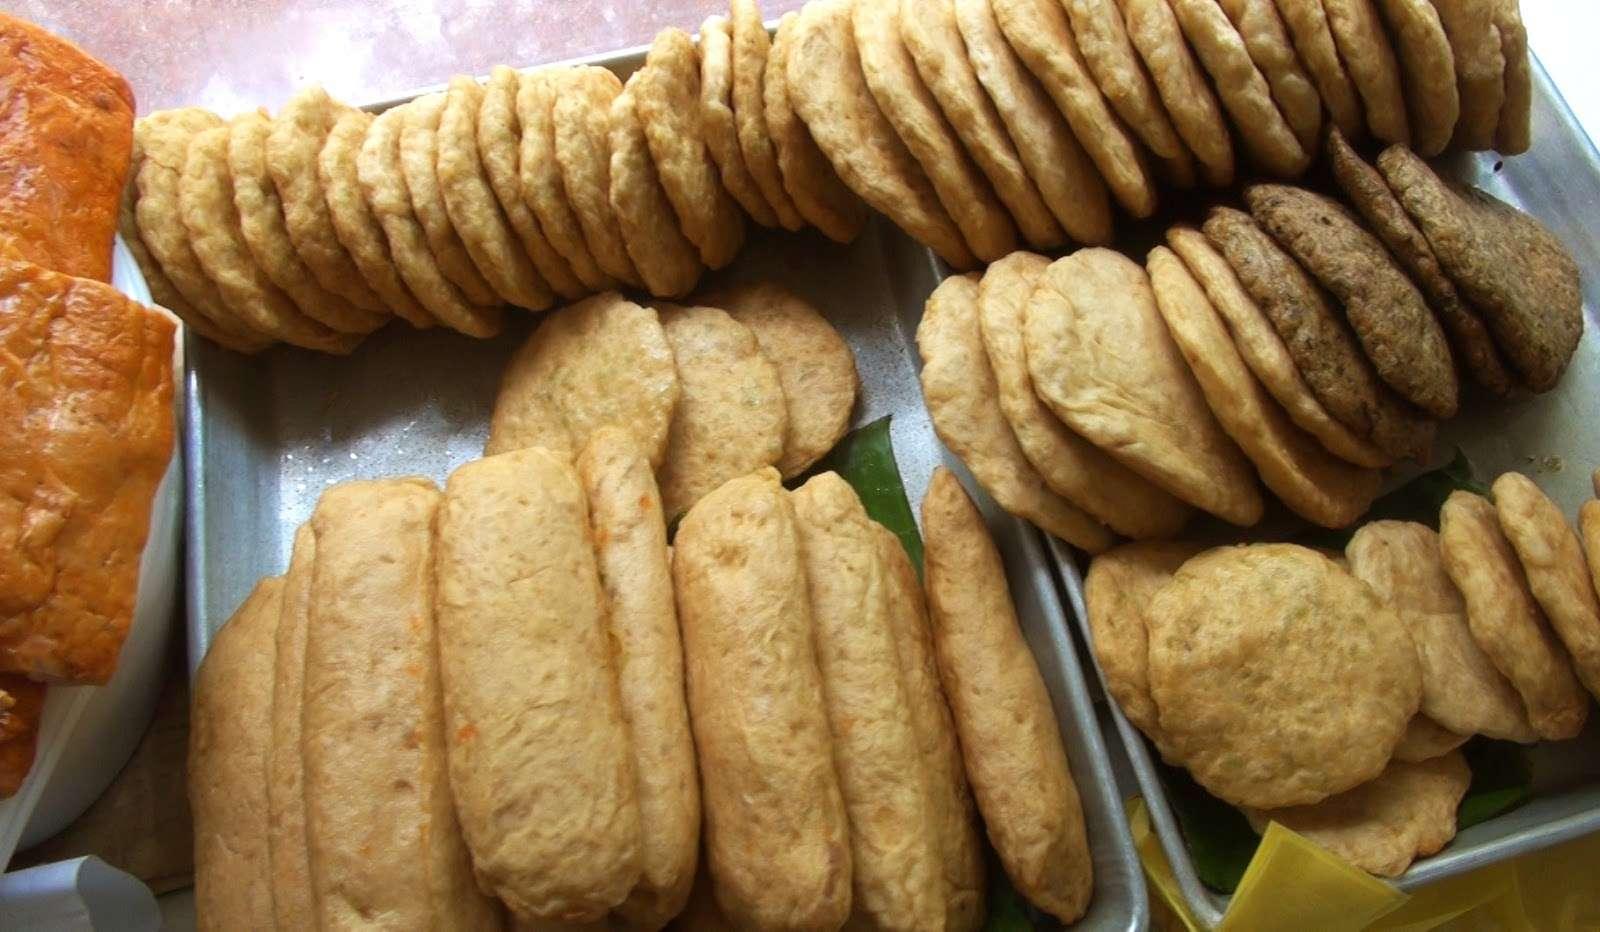 Thức ăn đã chế biến nguồn gốc động vật: ruốc, giò, chả, bánh chưng, lạp xưởng đều bị cấm